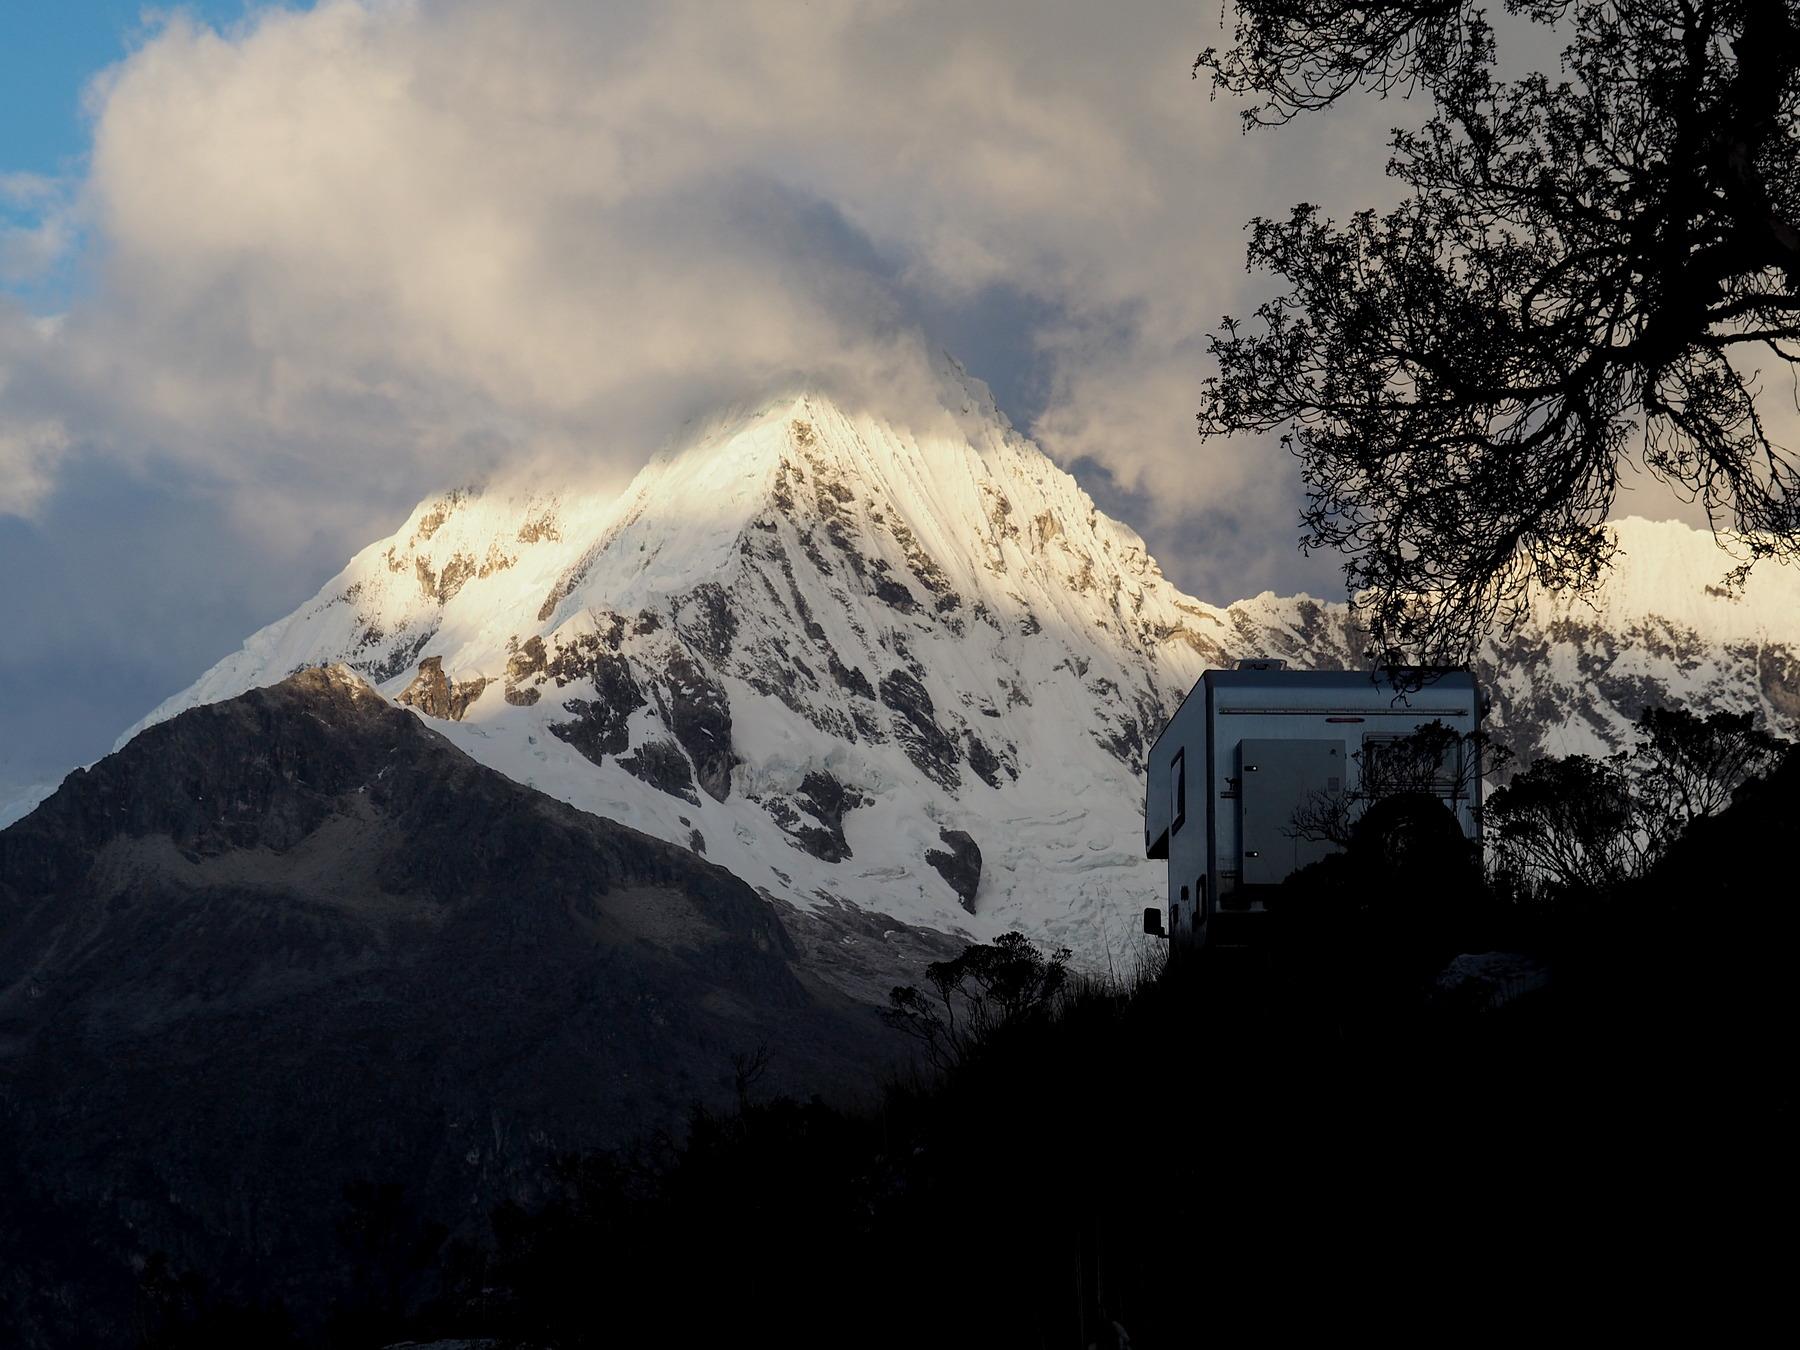 Übernachtungsplatz in alpiner Landschaft